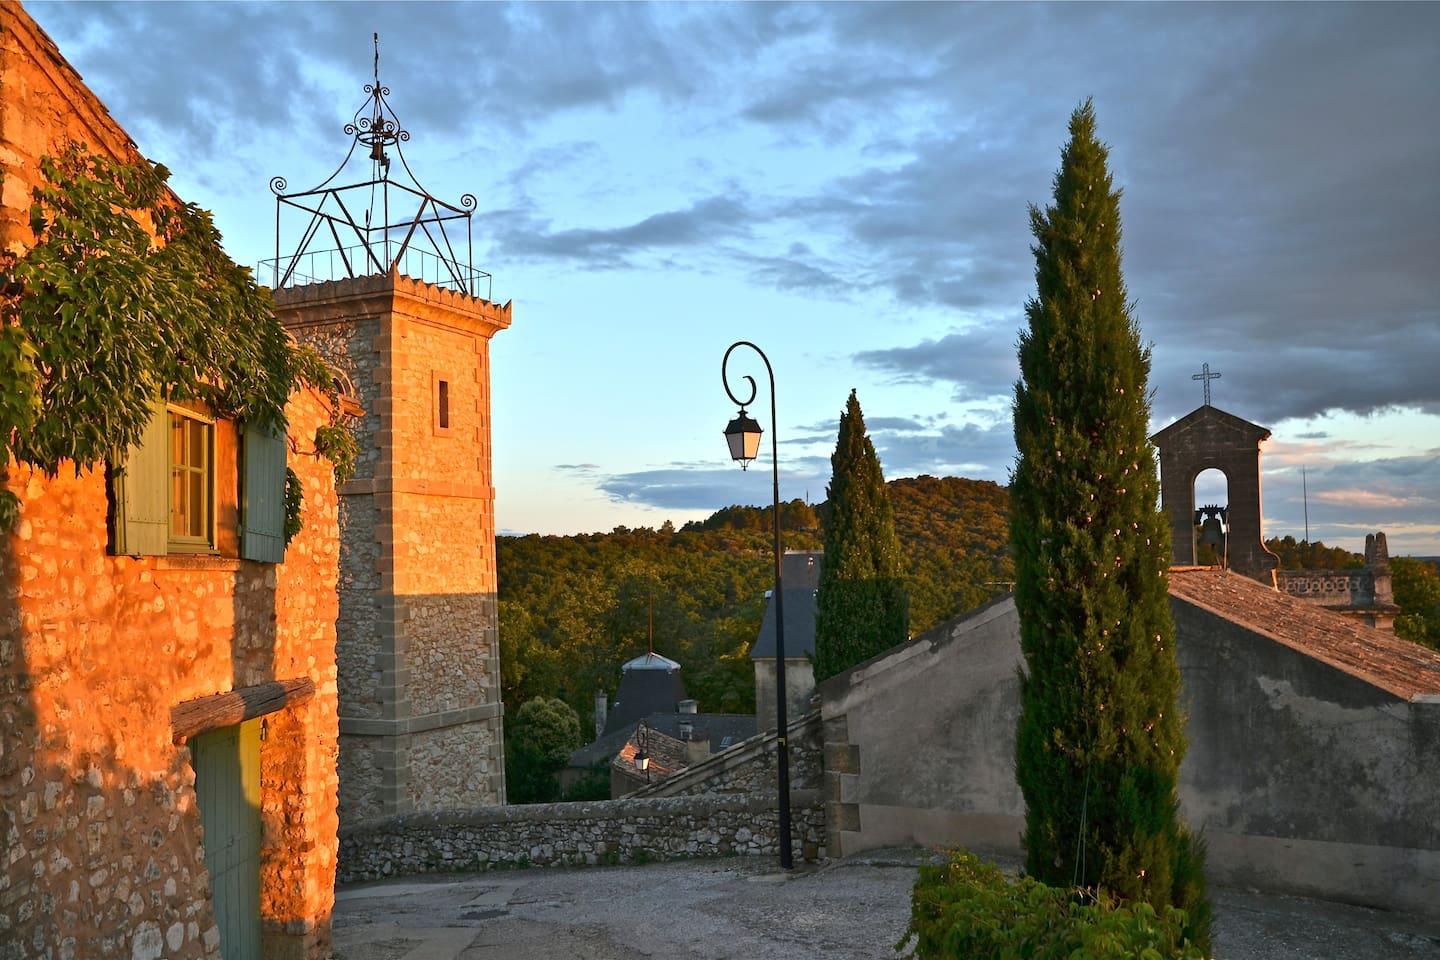 Vue de la rue, un soir de septembre : mazet, la tour d'horloge